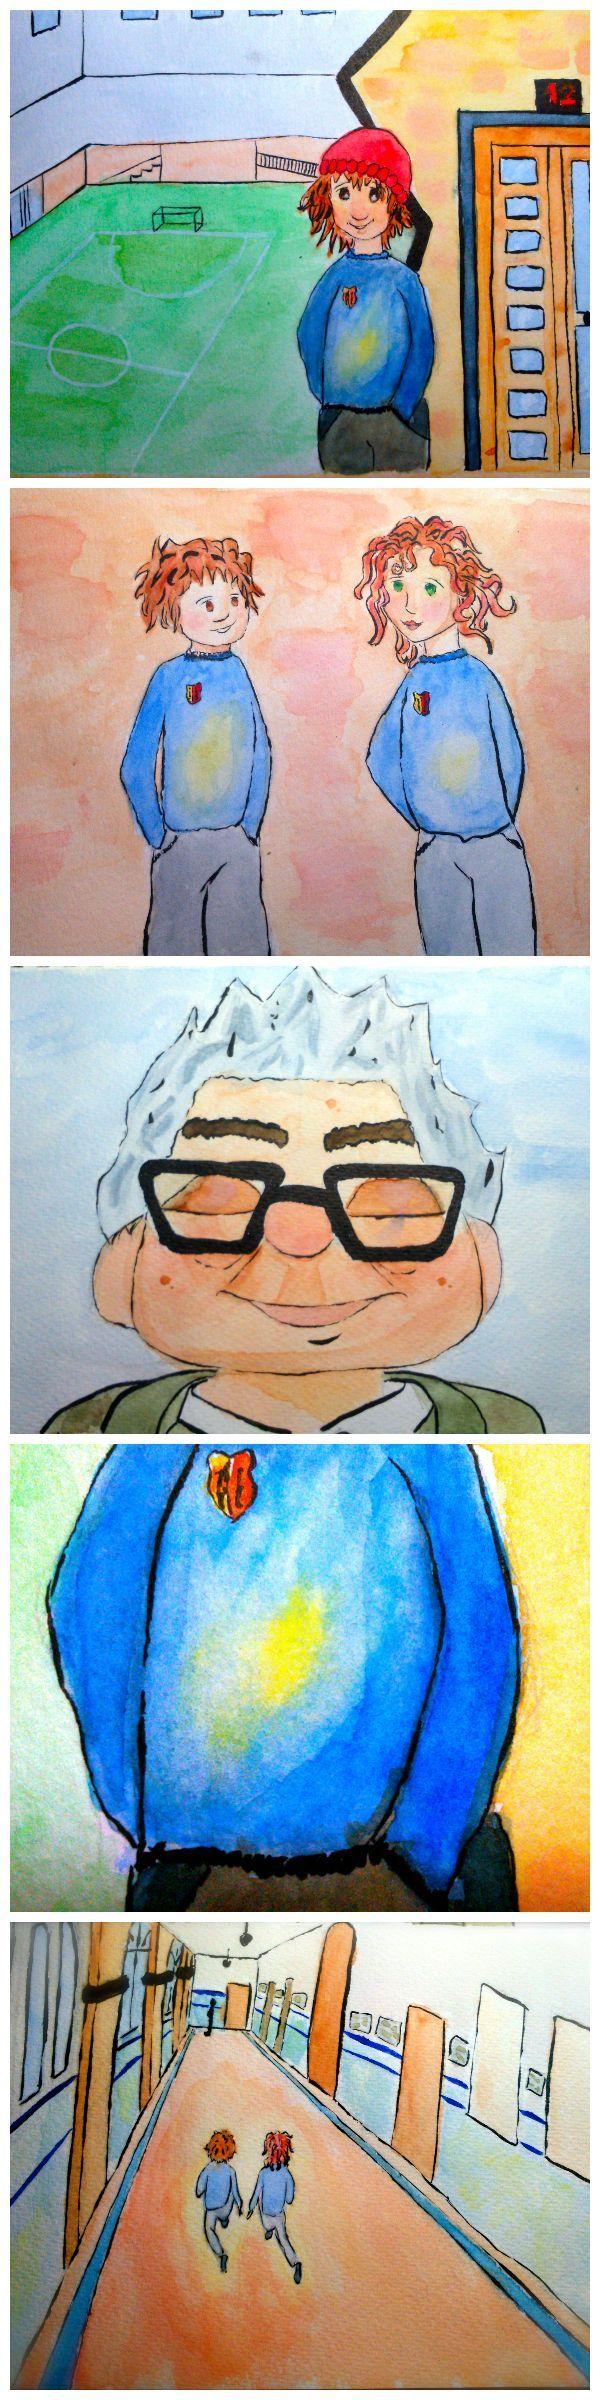 Ilustración. Adaptación del cuento El origen de la felicidad de Pedro Pablo salinas. Formación Humana. 1º Educación Primaria